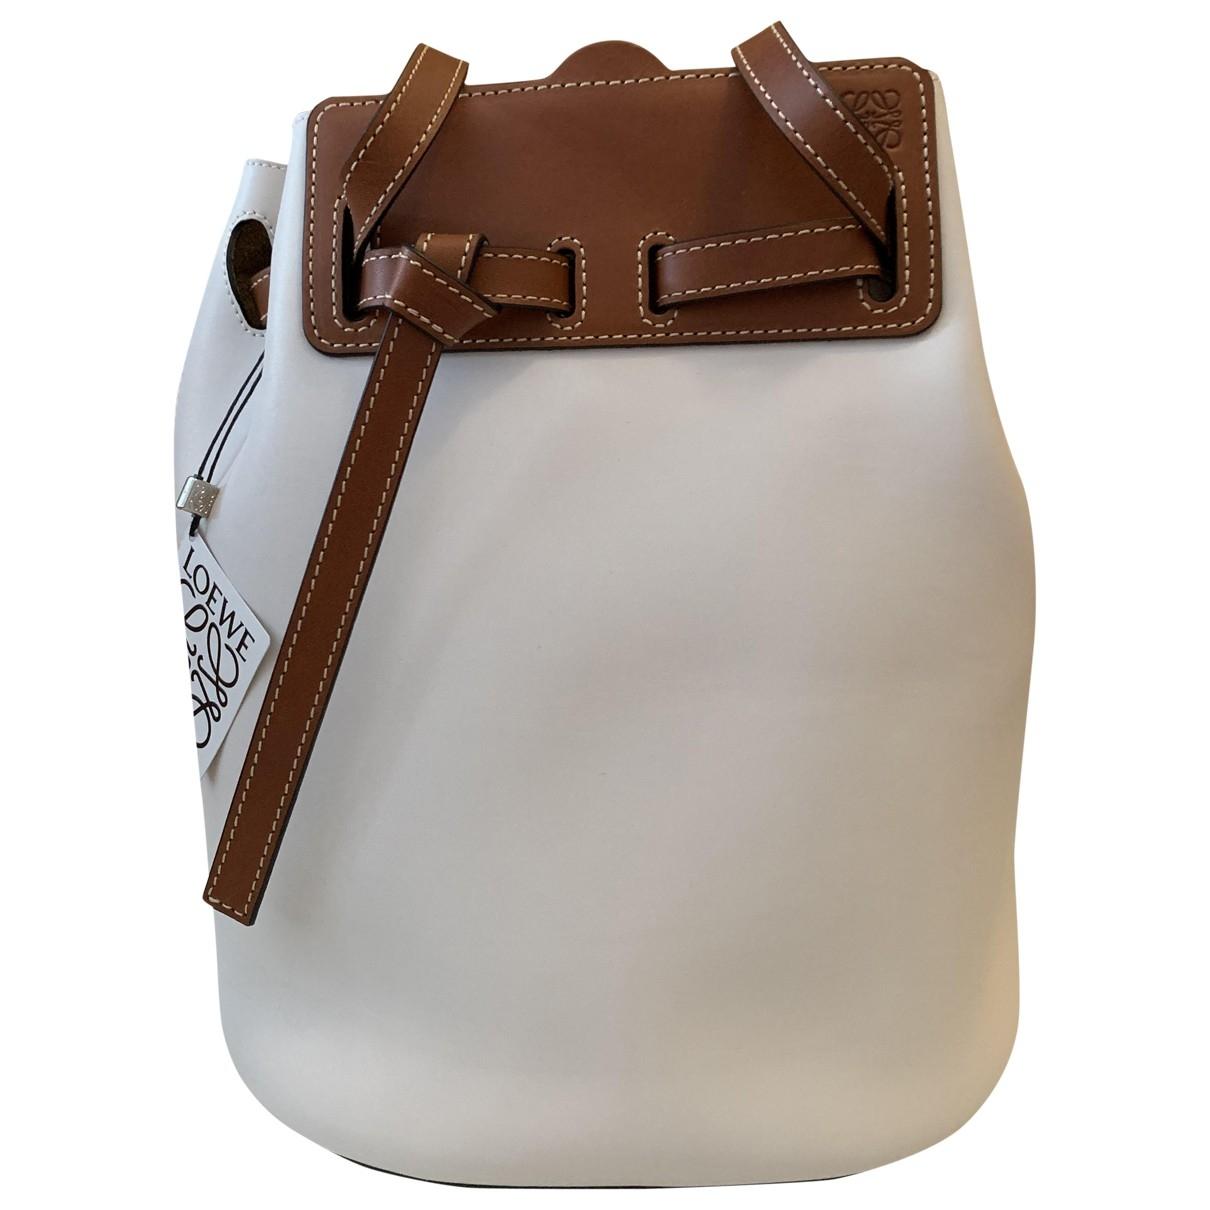 Loewe - Sac a main Lazo pour femme en cuir - blanc